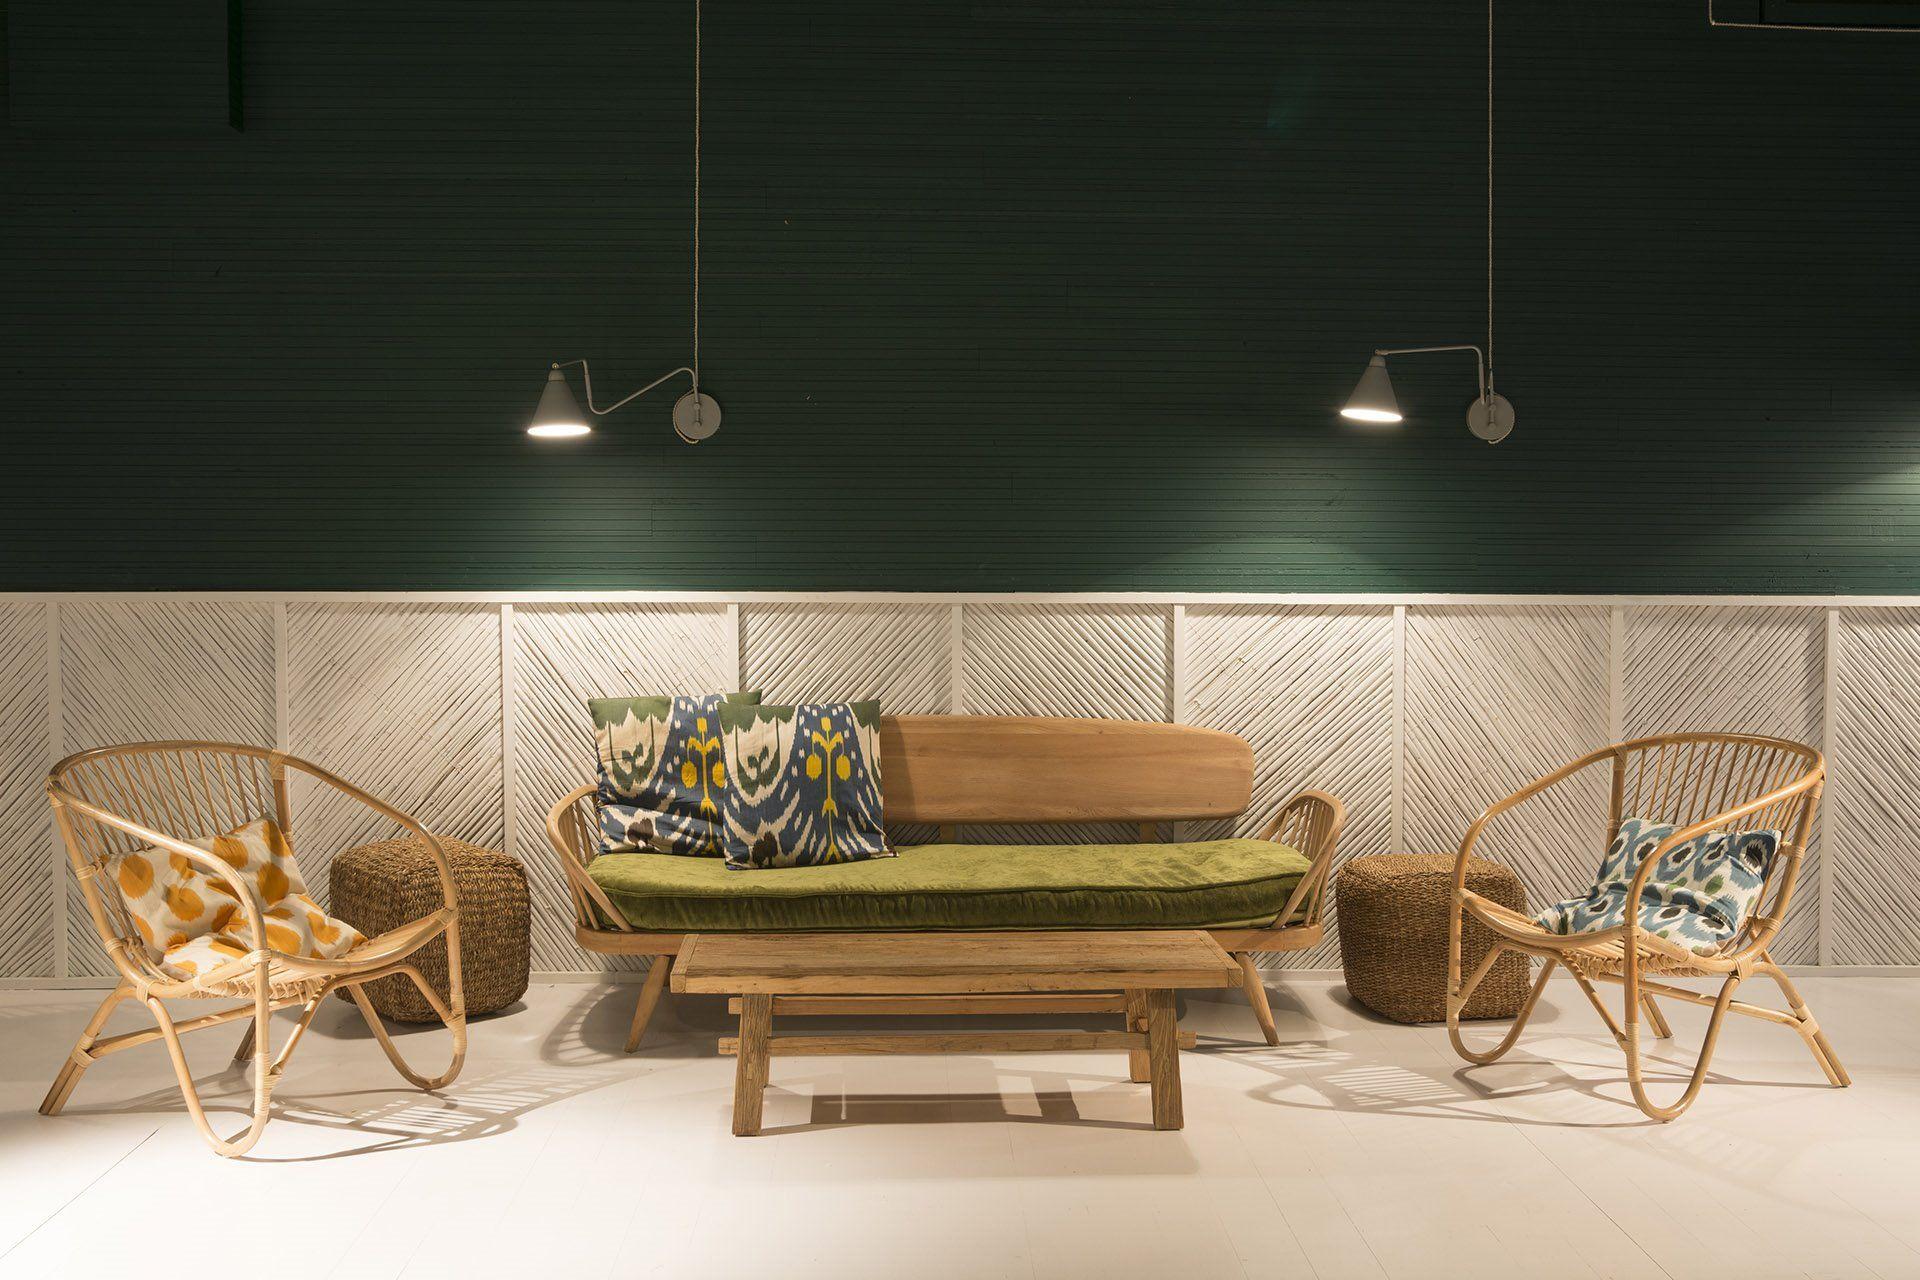 Interiorismo de estilo Boho y tropical en el restaurante de Formentera MariCastaña